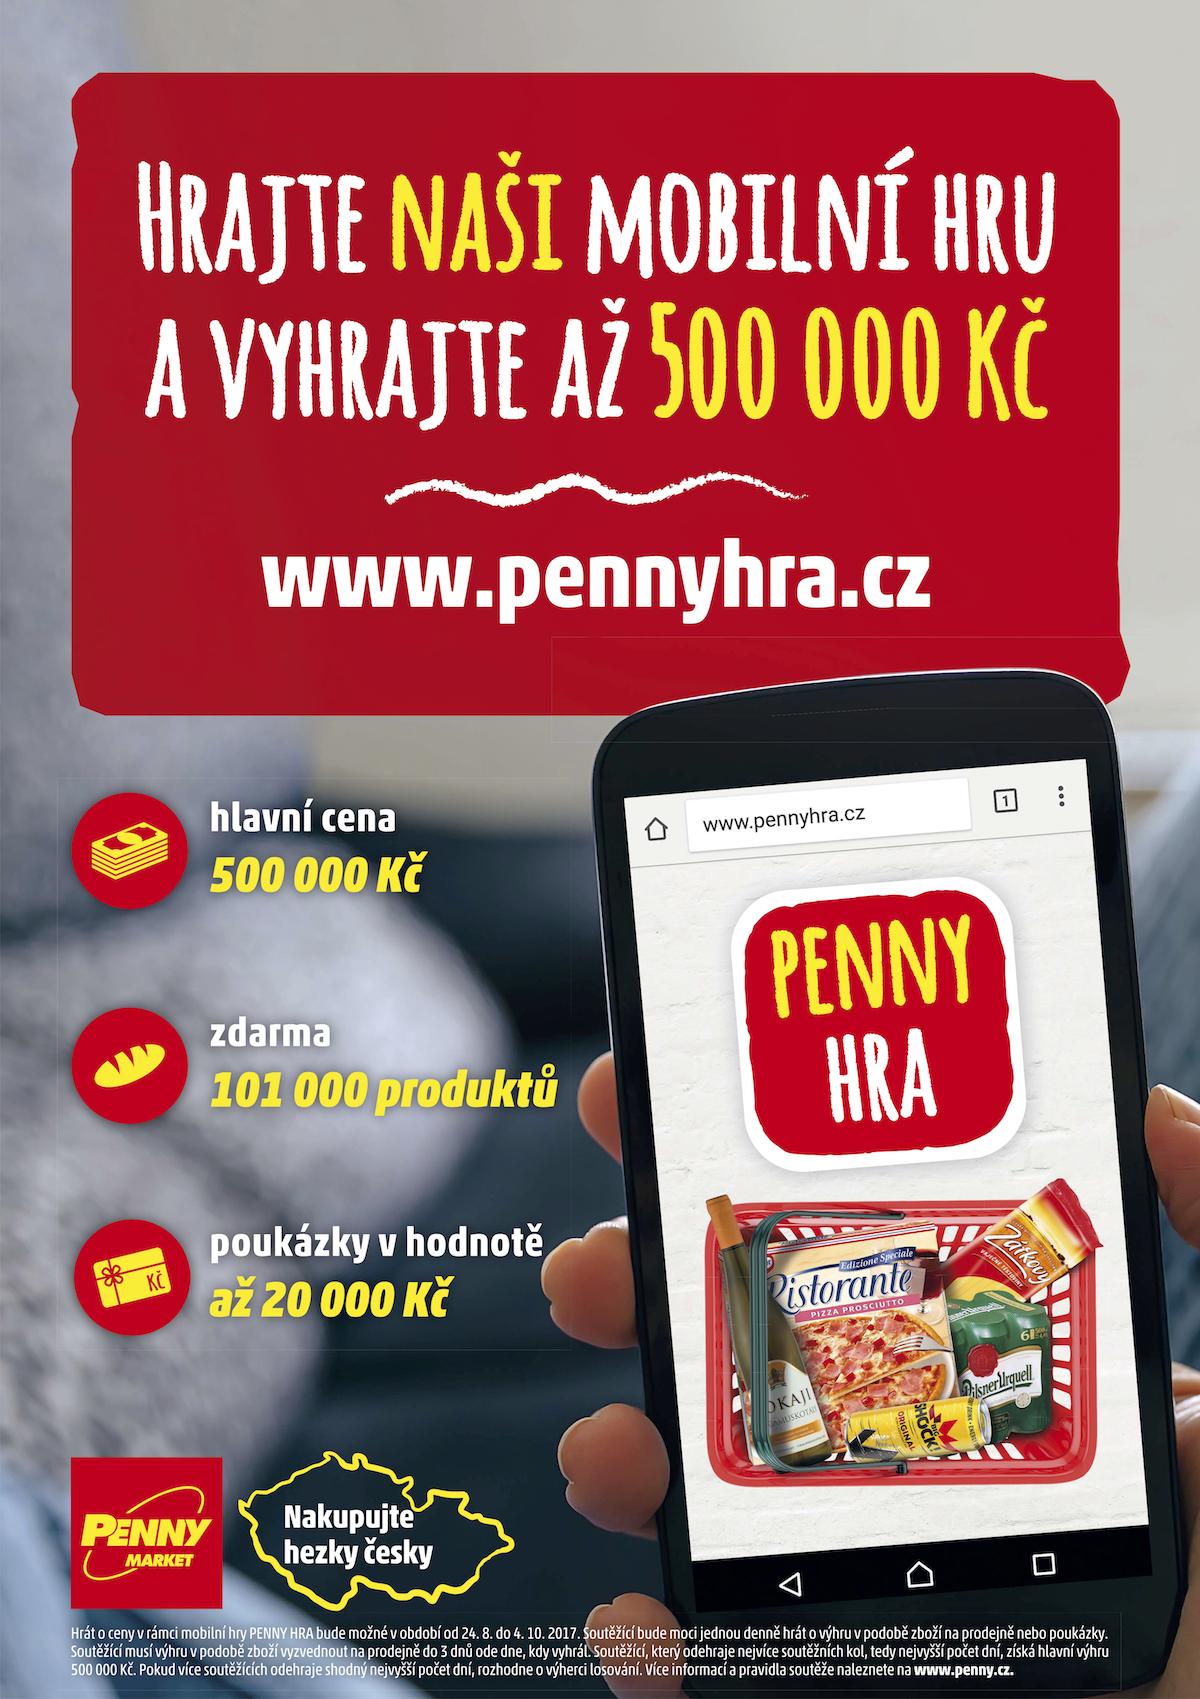 Propagační leták k mobilní hře Penny Marketu